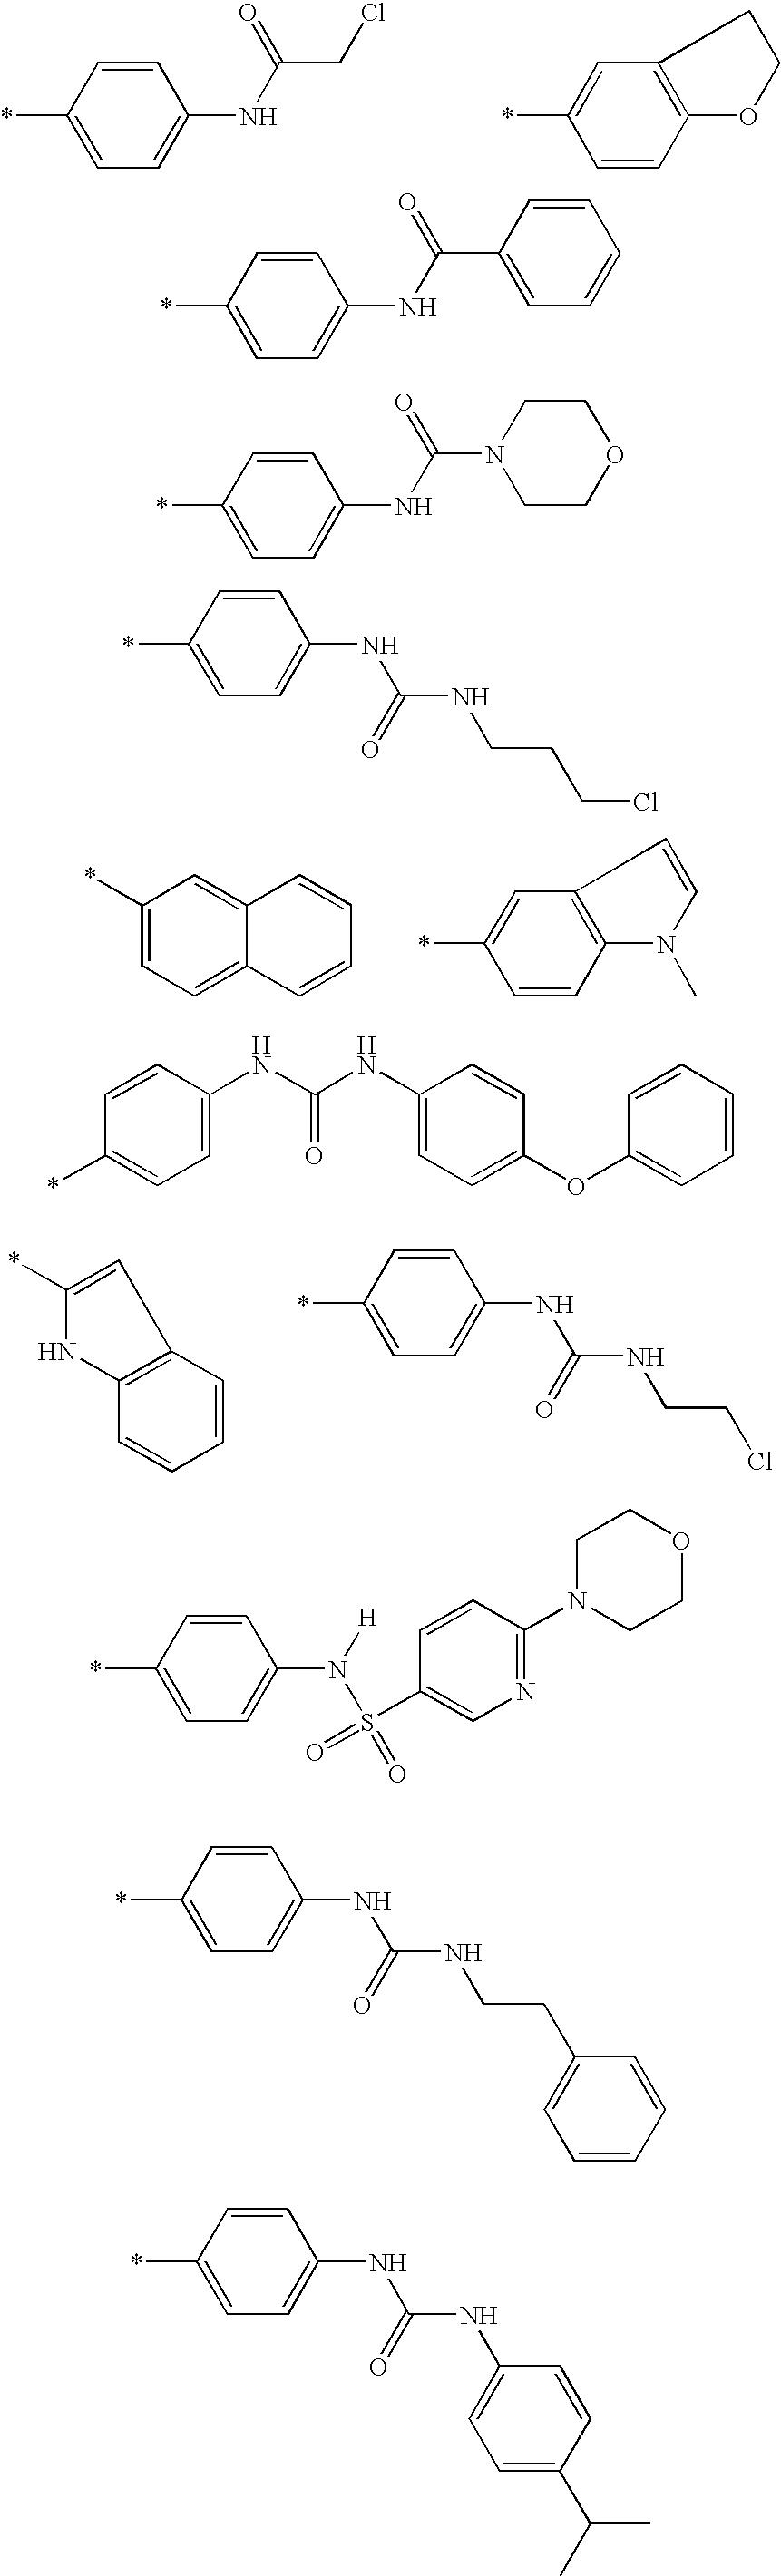 Figure US07781478-20100824-C00124